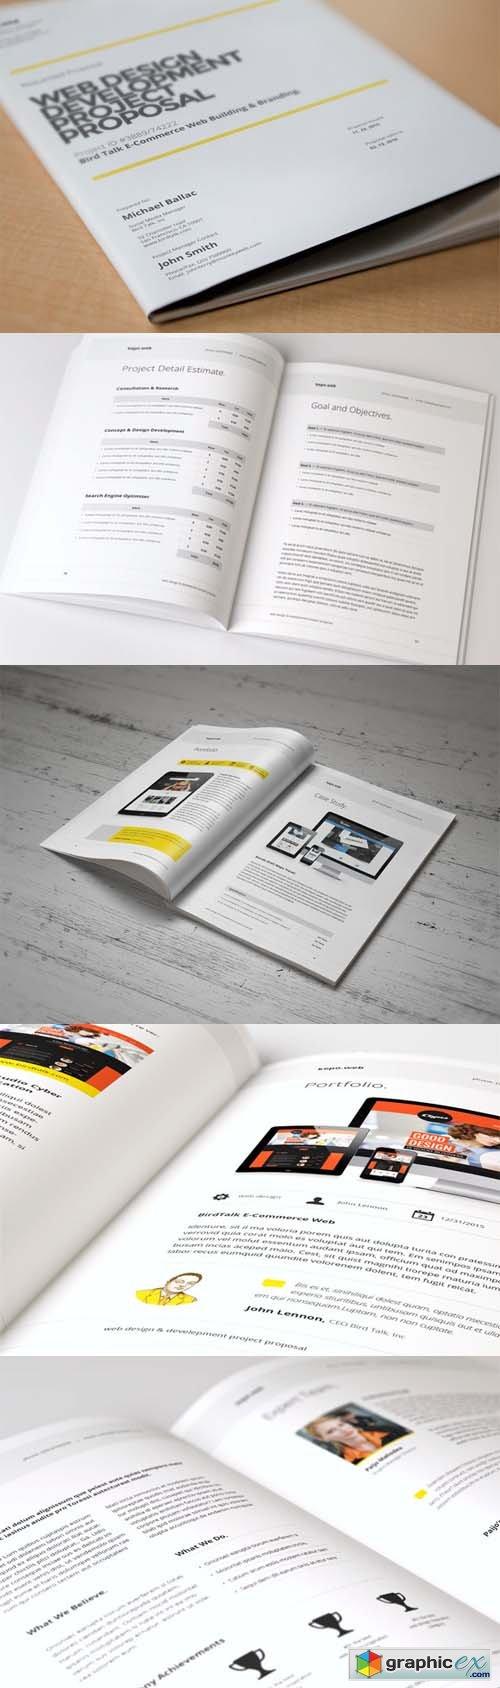 Web Design Proposal  Template    Proposals Photoshop